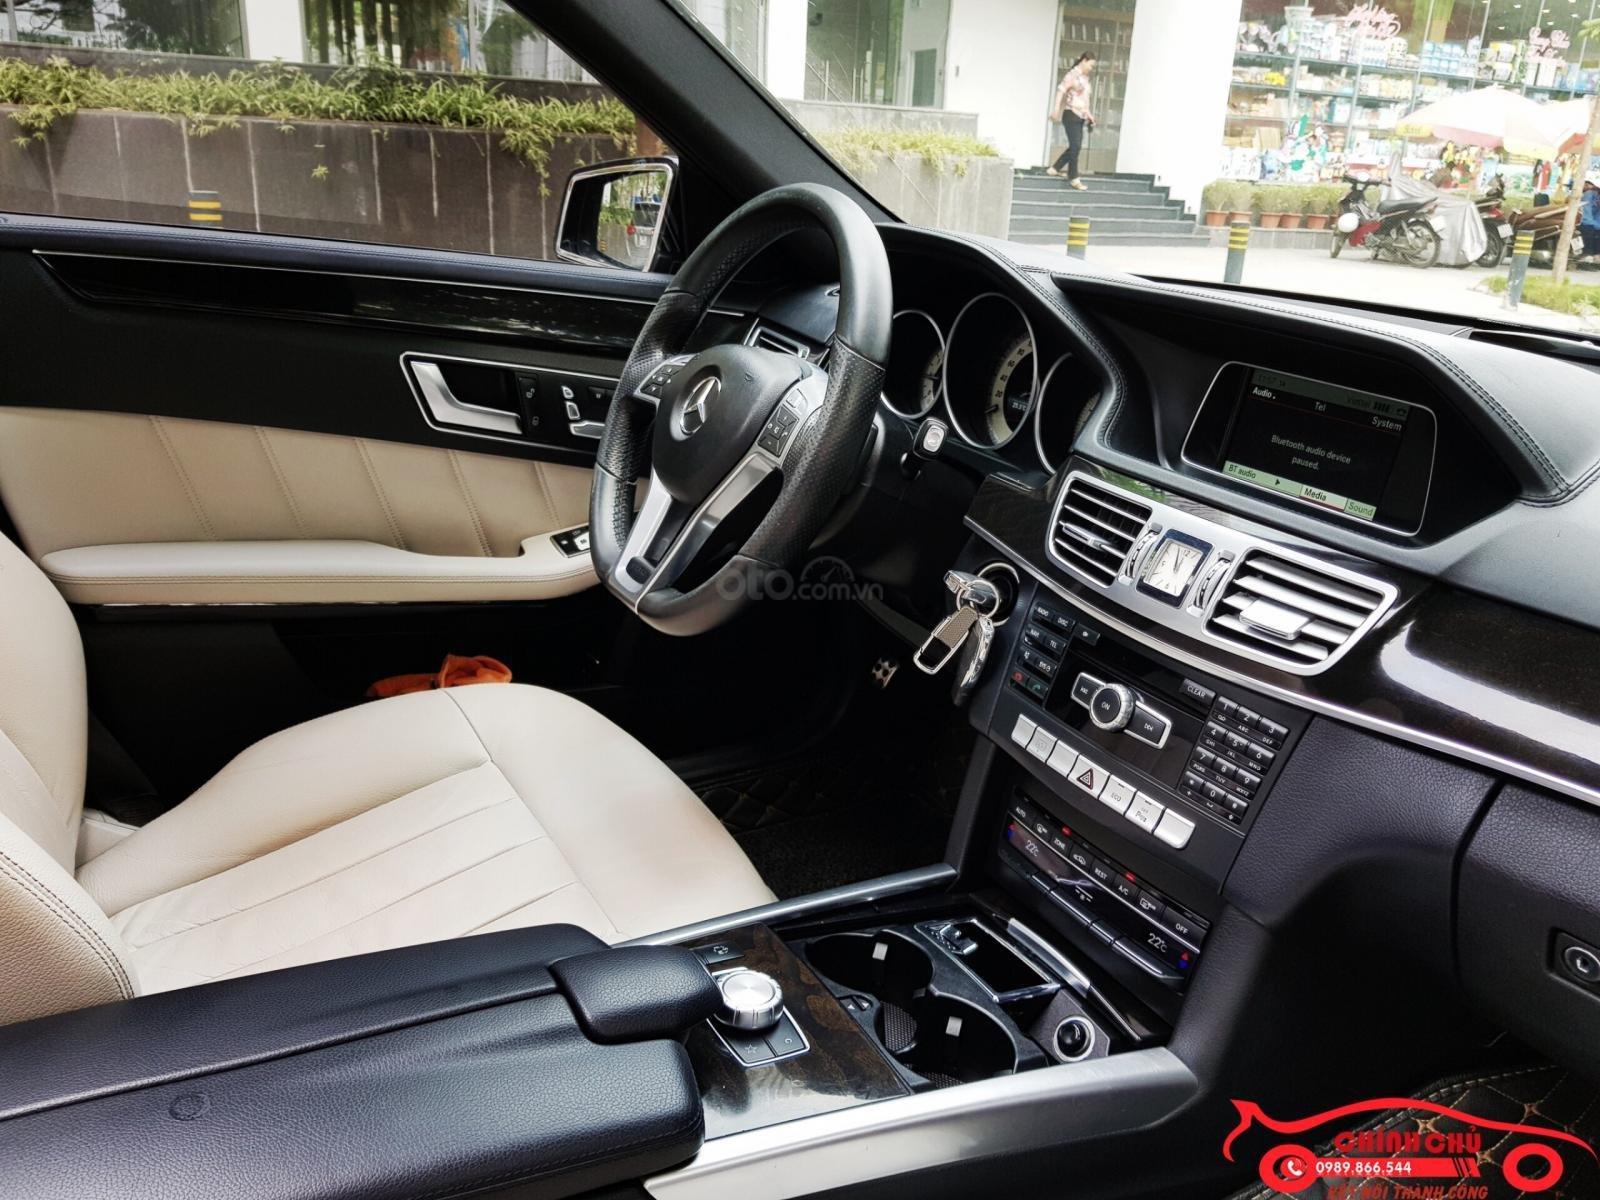 Bán Mercedes E250 AMG đời 2016, màu đen, nội thất kem cực mới, giá 1,4xx triệu (10)